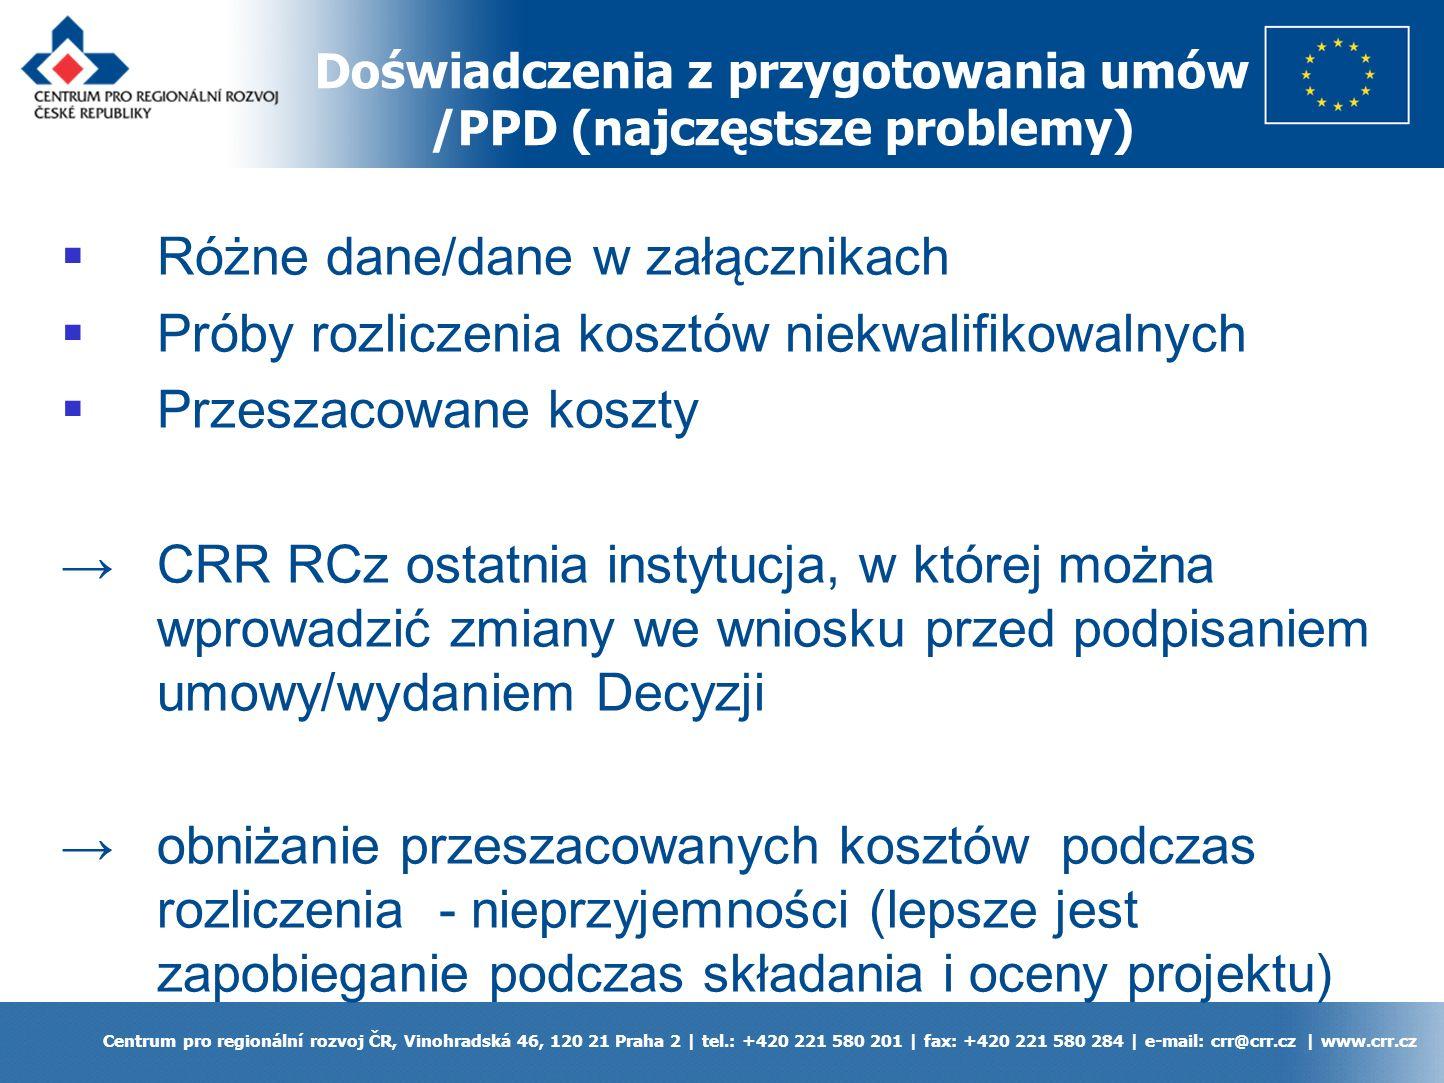 Doświadczenia z przygotowania umów /PPD (najczęstsze problemy) Centrum pro regionální rozvoj ČR, Vinohradská 46, 120 21 Praha 2 | tel.: +420 221 580 201 | fax: +420 221 580 284 | e-mail: crr@crr.cz | www.crr.cz Różne dane/dane w załącznikach Próby rozliczenia kosztów niekwalifikowalnych Przeszacowane koszty CRR RCz ostatnia instytucja, w której można wprowadzić zmiany we wniosku przed podpisaniem umowy/wydaniem Decyzji obniżanie przeszacowanych kosztów podczas rozliczenia - nieprzyjemności (lepsze jest zapobieganie podczas składania i oceny projektu)